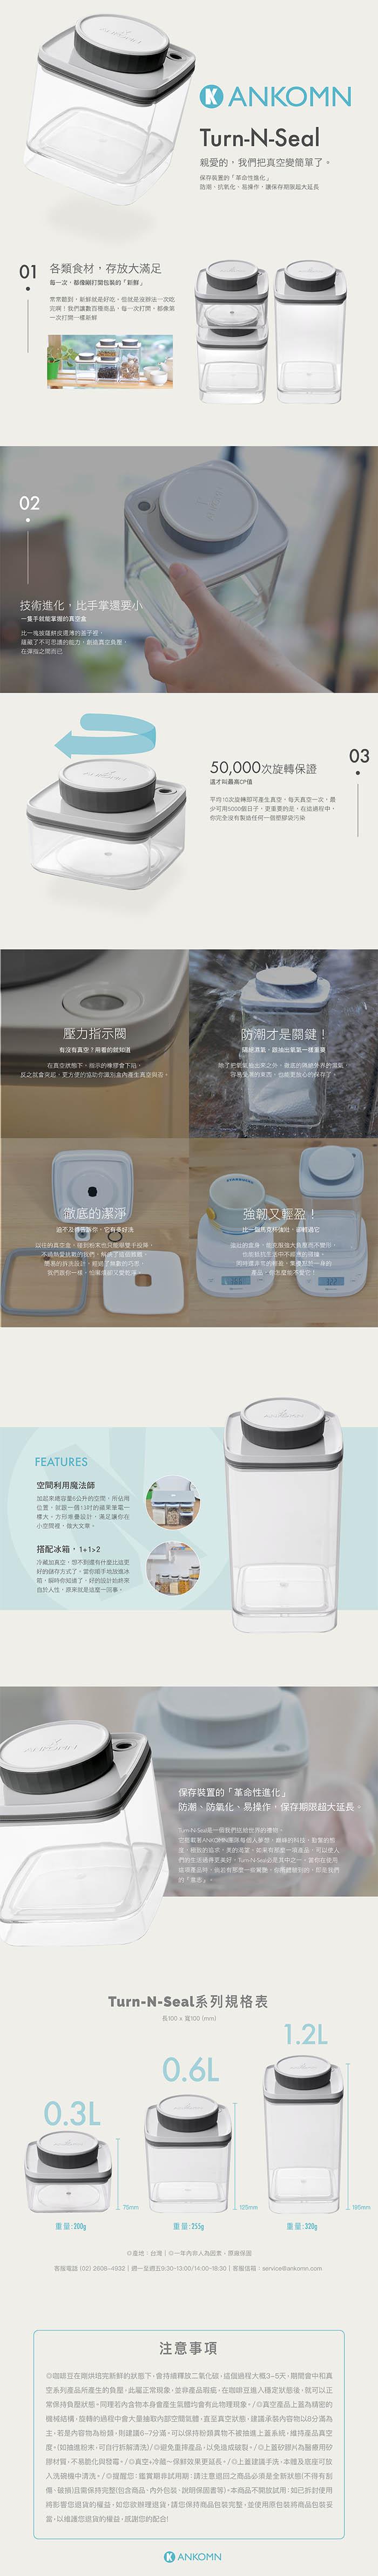 ANKOMN Turn-N-Seal 真空保鮮盒 300ml (1入)